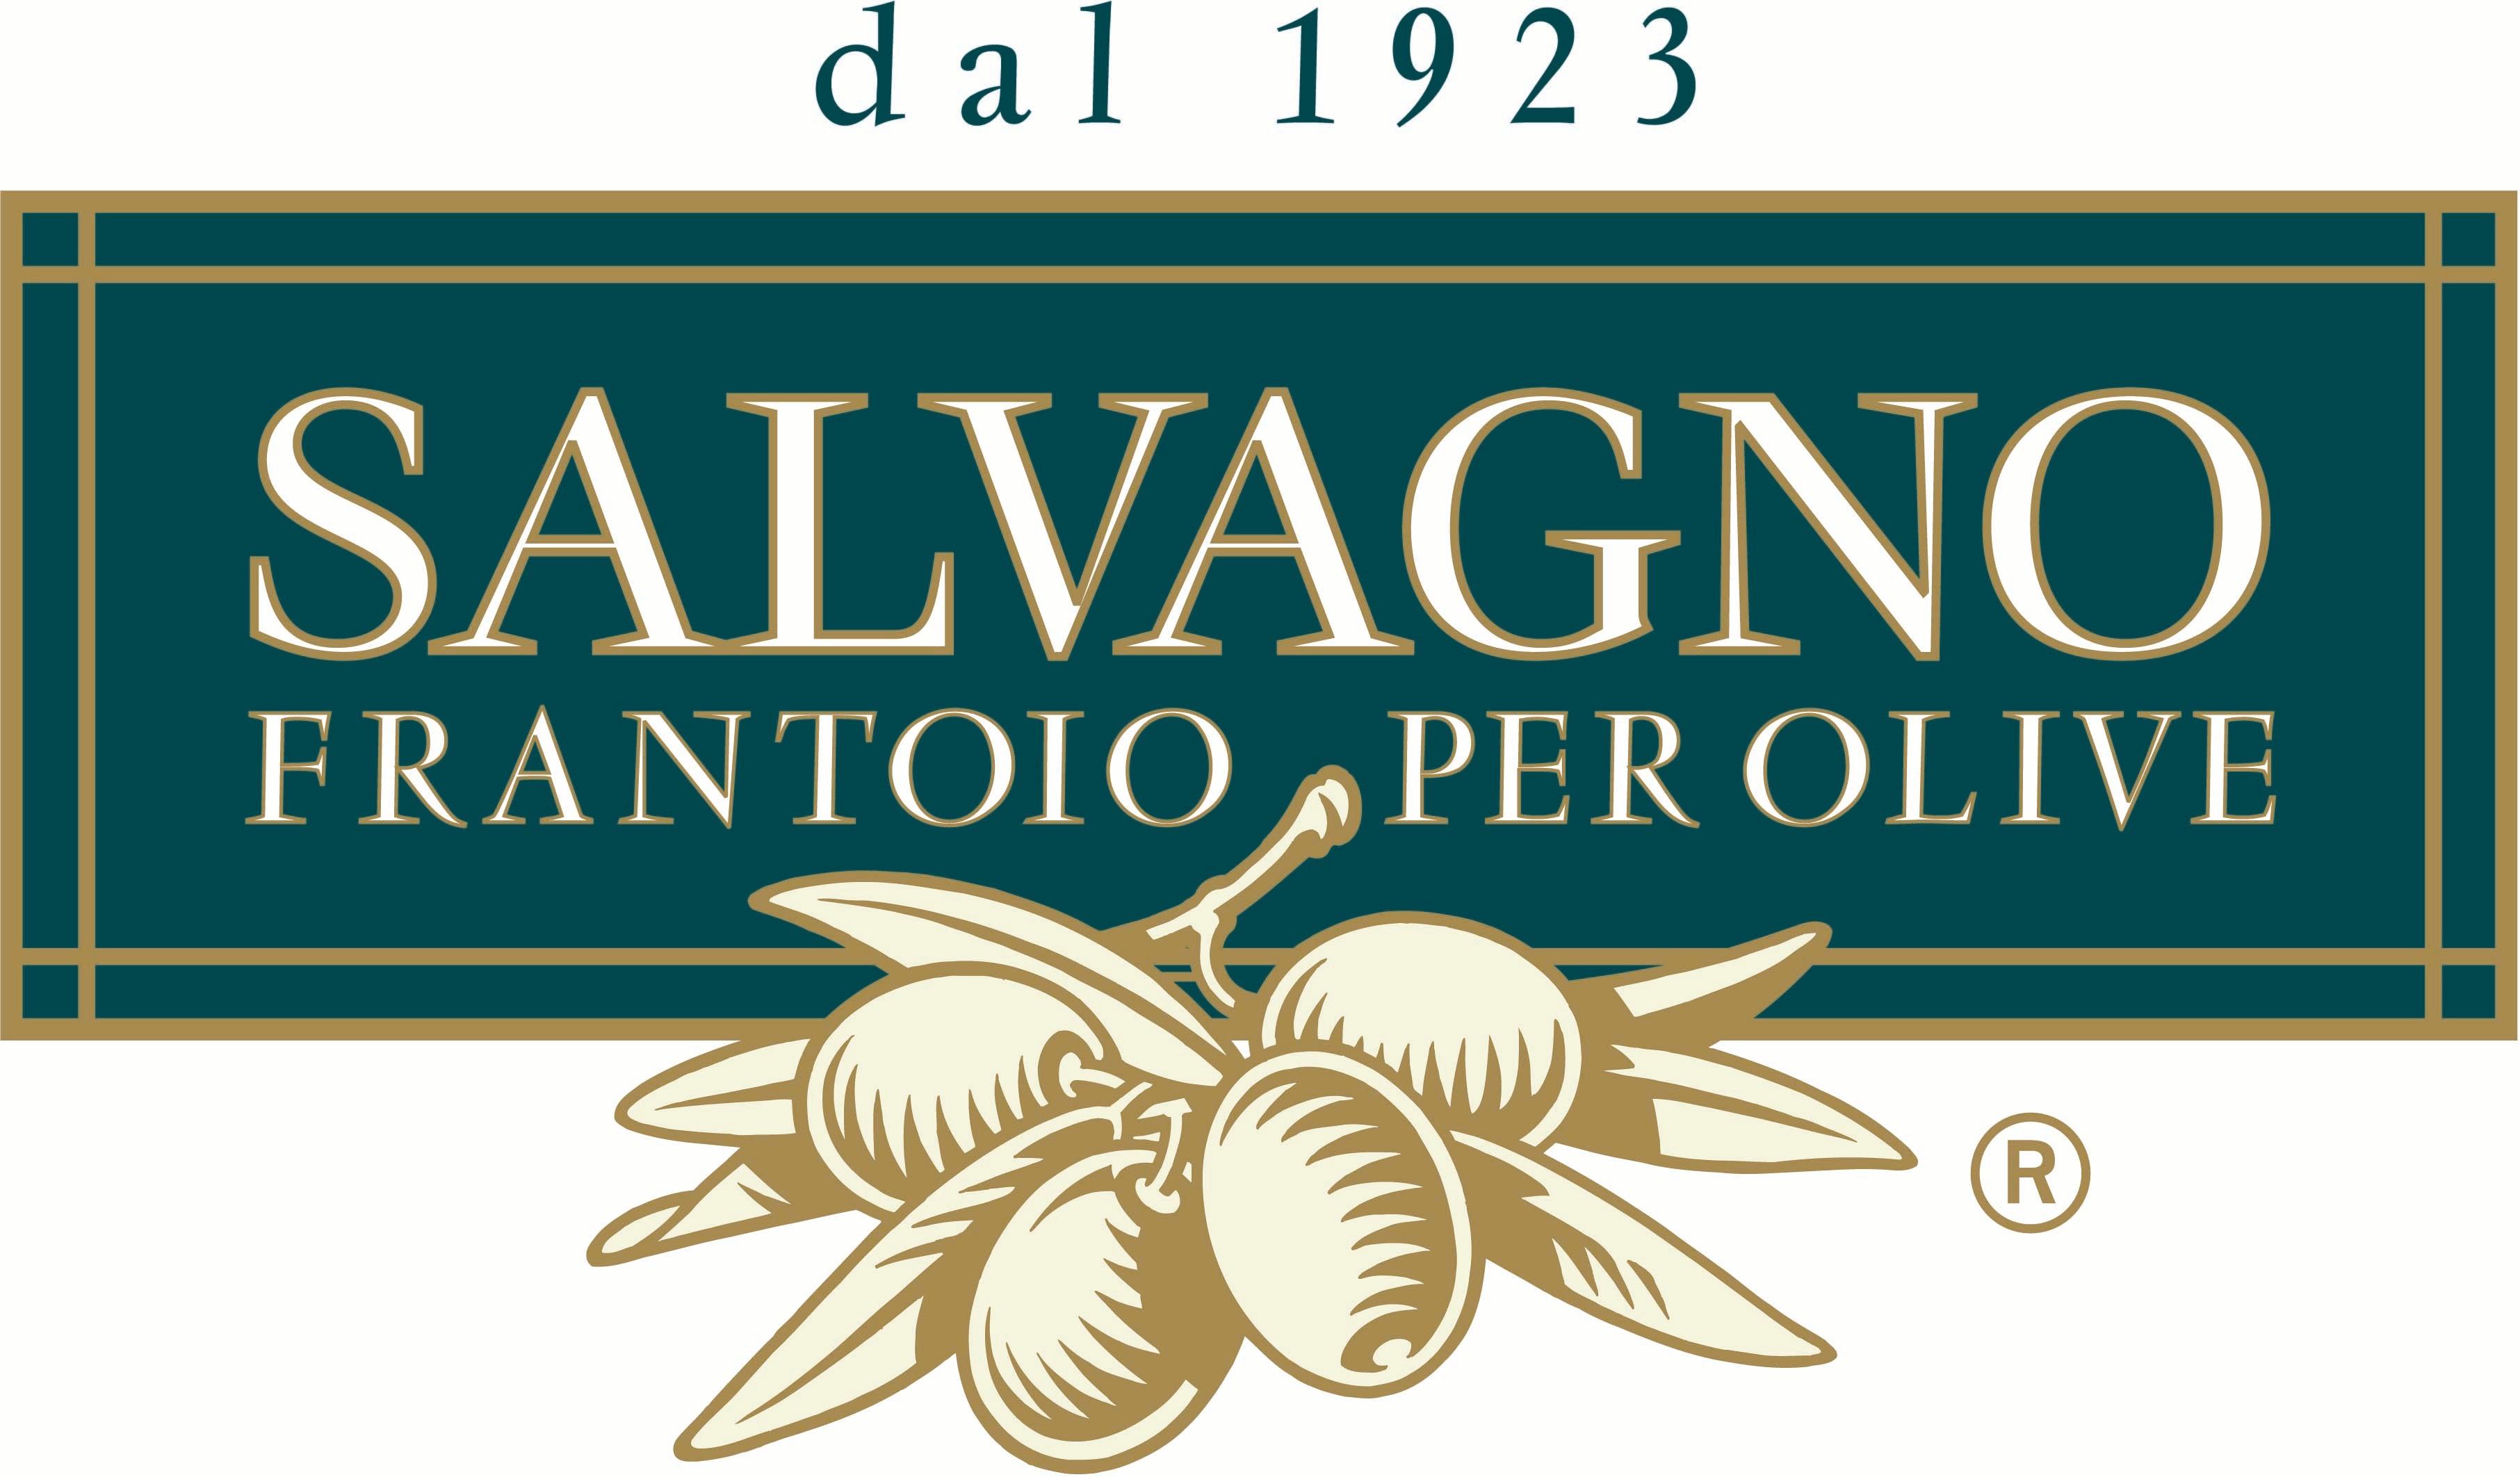 SALVAGNO - Frantoio per olive